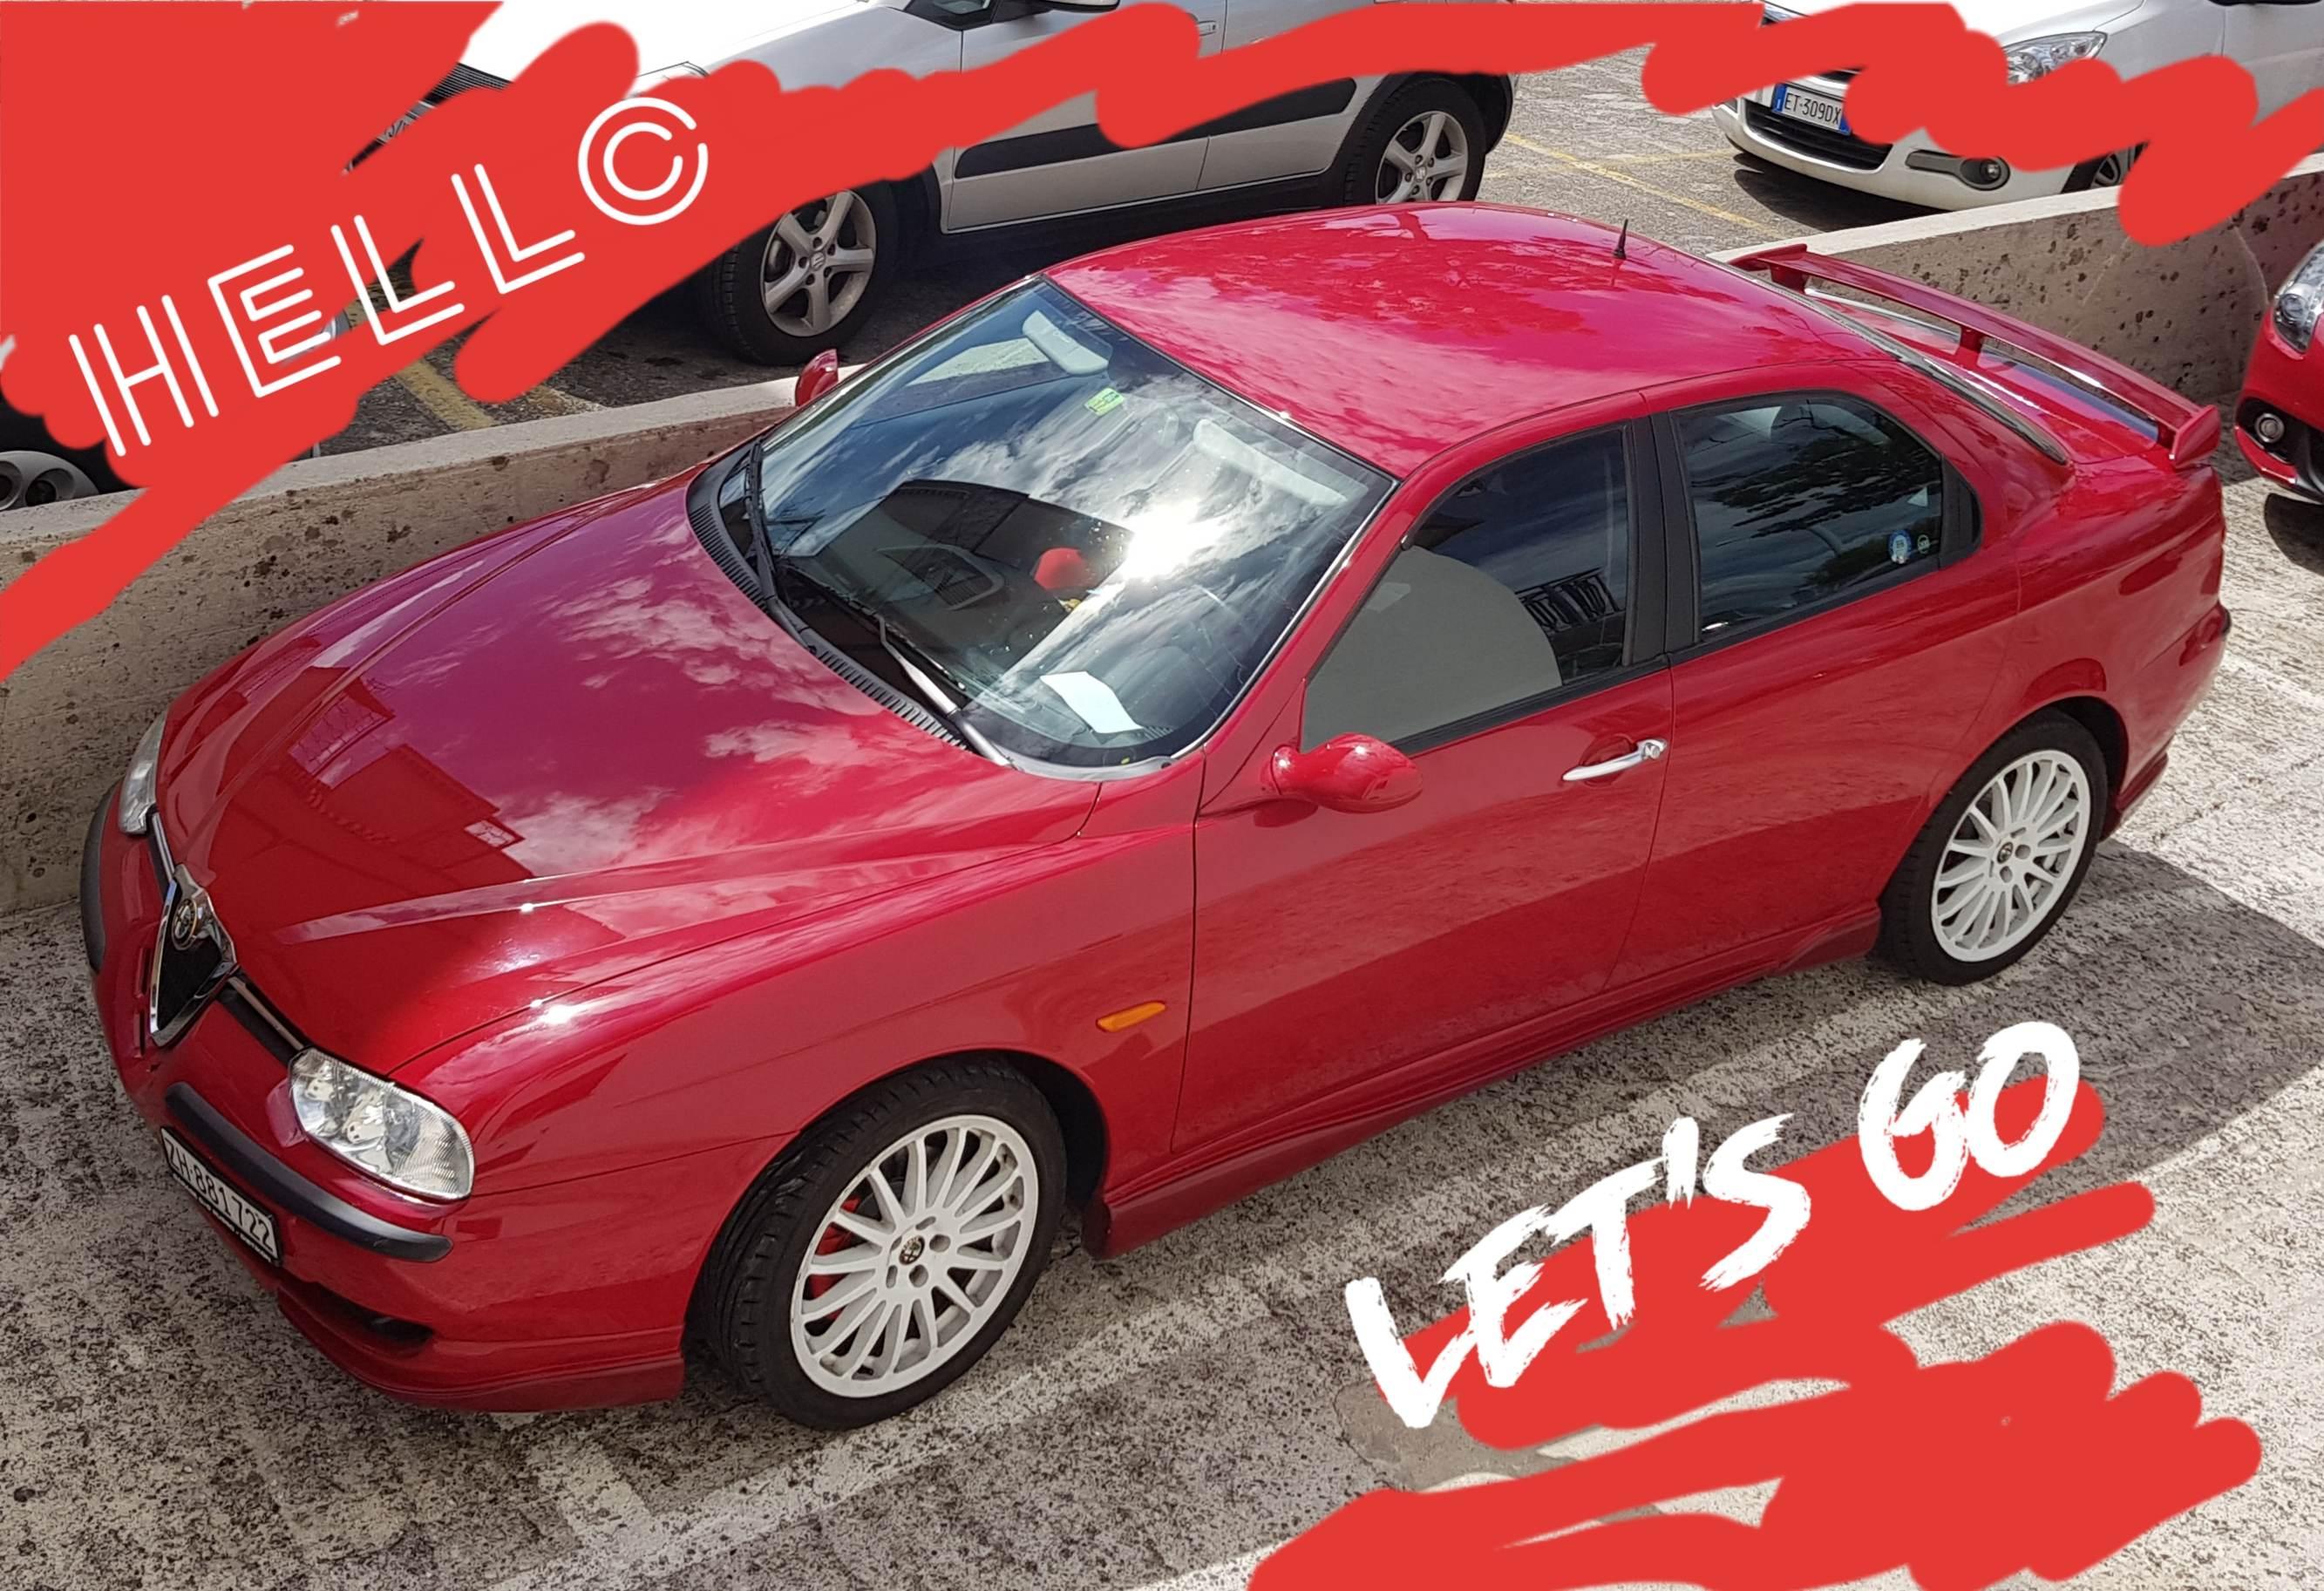 foto Alfa Romeo 156 - 2.0 TS 16v - Selespeed - Rossa - 2000 - VE - 2